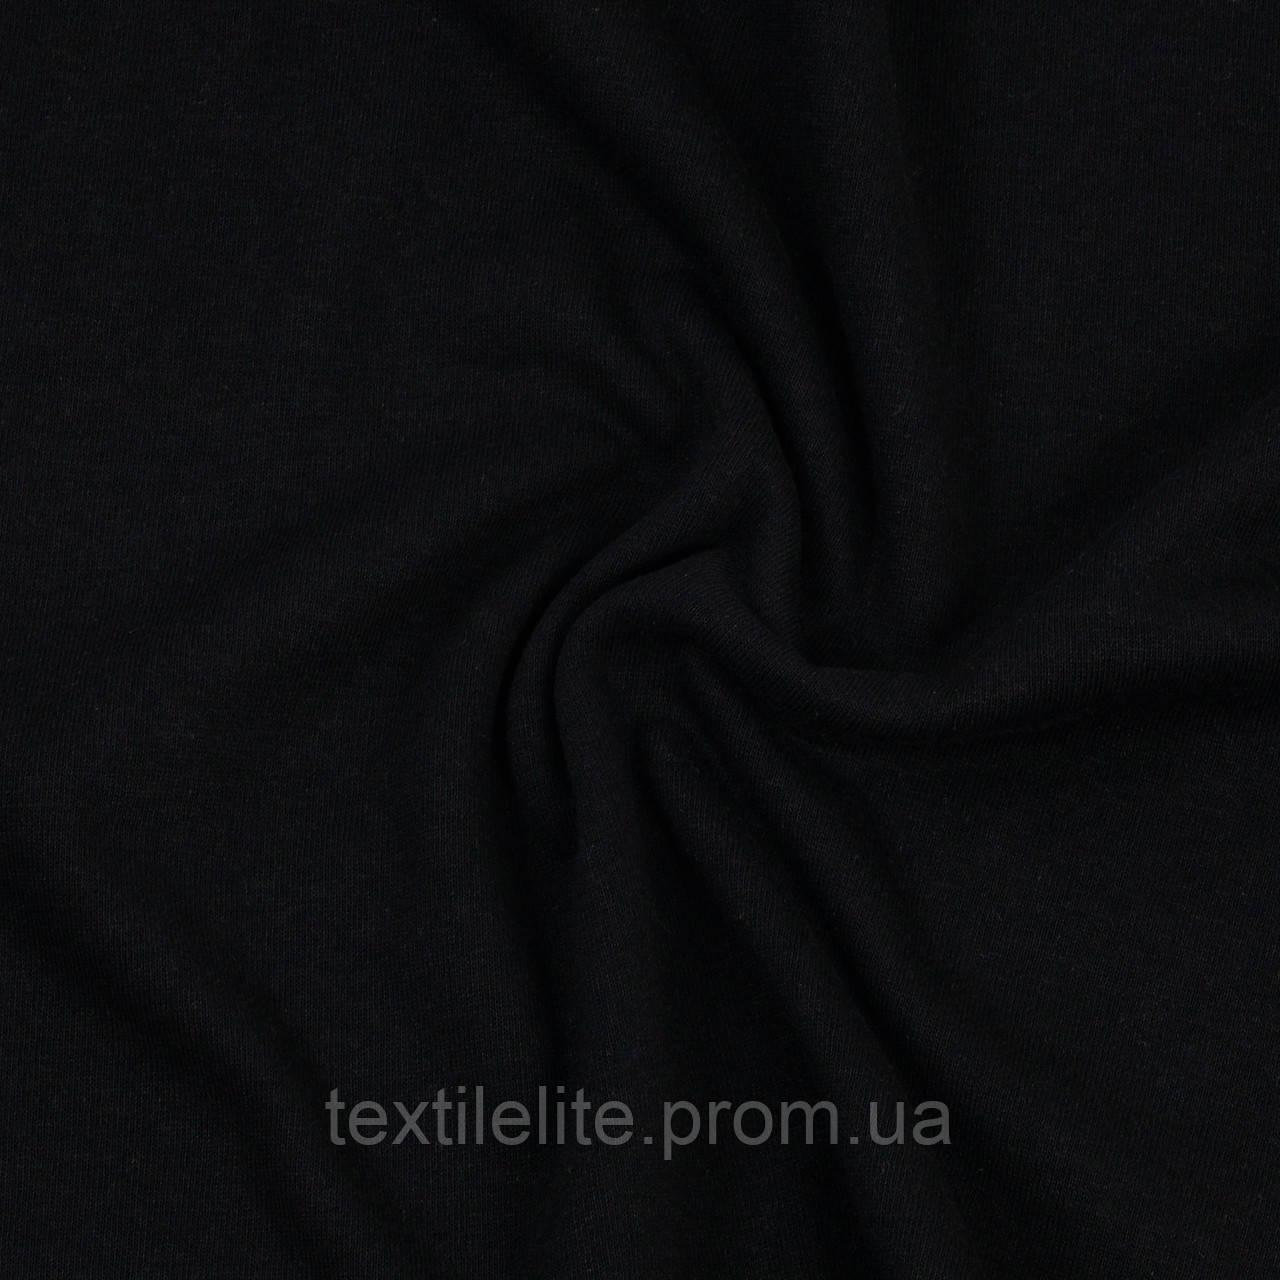 Ткань кулирная гладь. Цвет Черный. Трикотаж в рулонах. Хлопок 100%